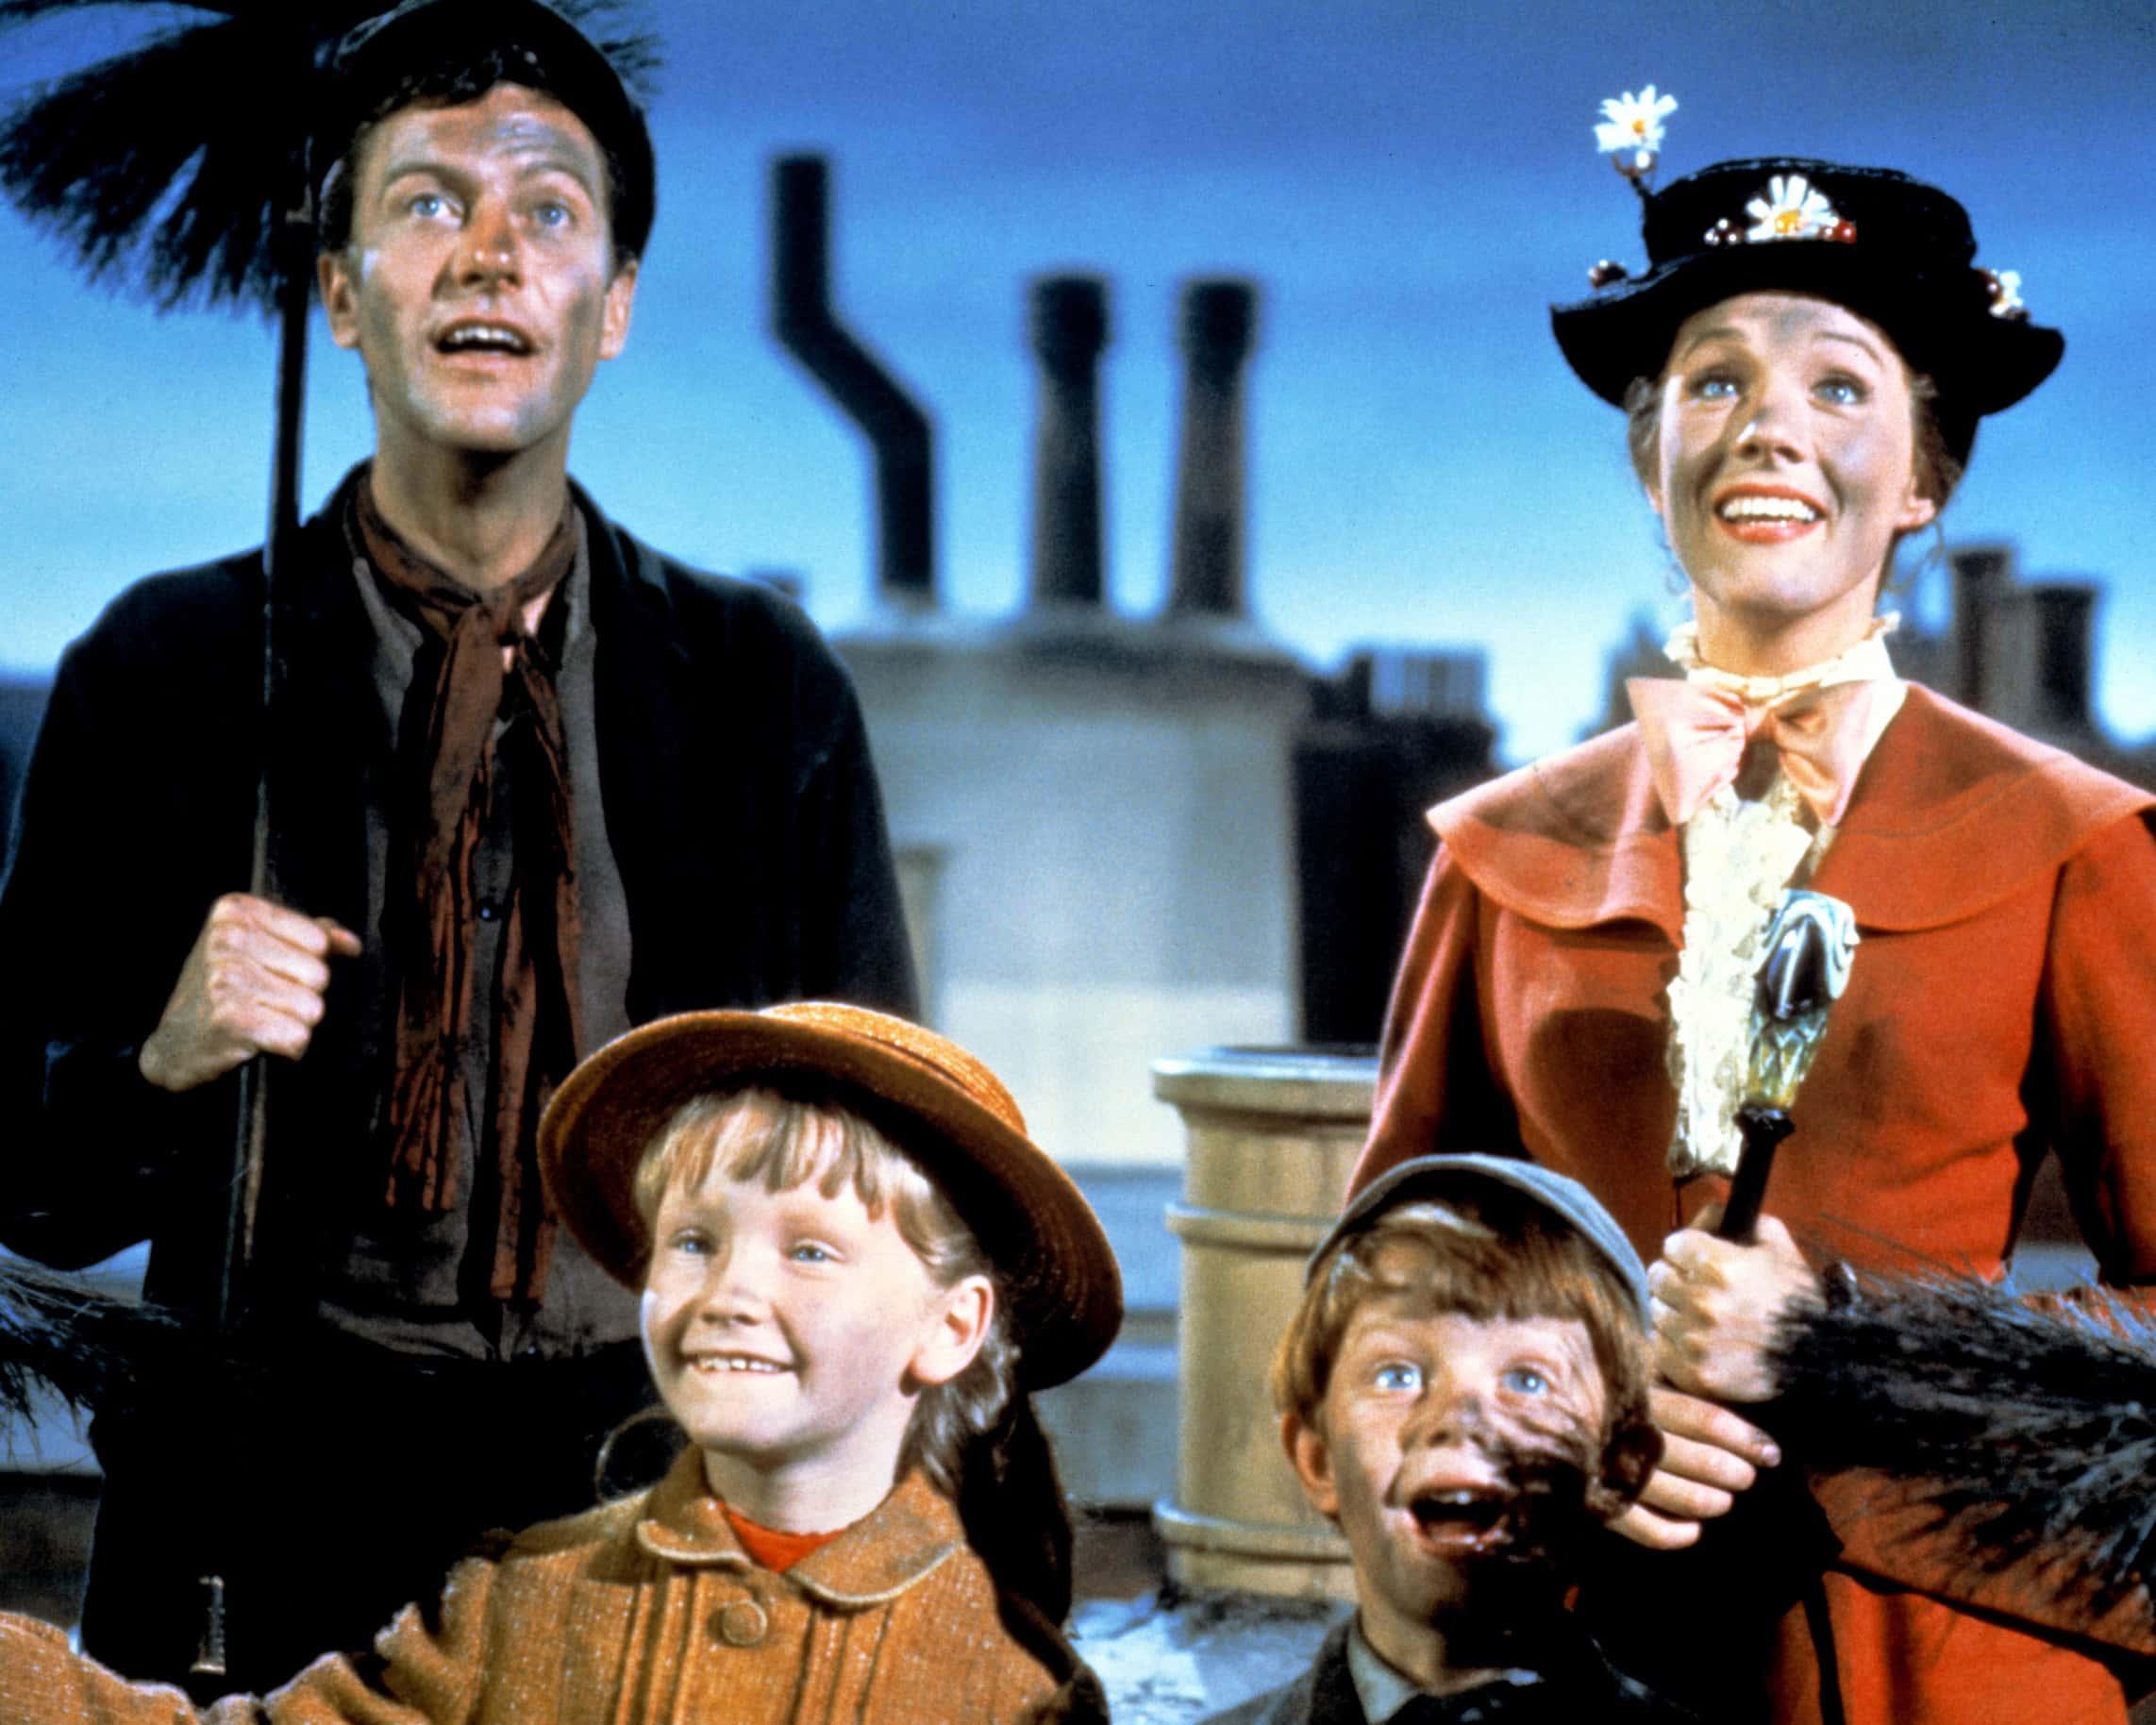 Chim Chiminey. 'Marry Poppins' movie scene.